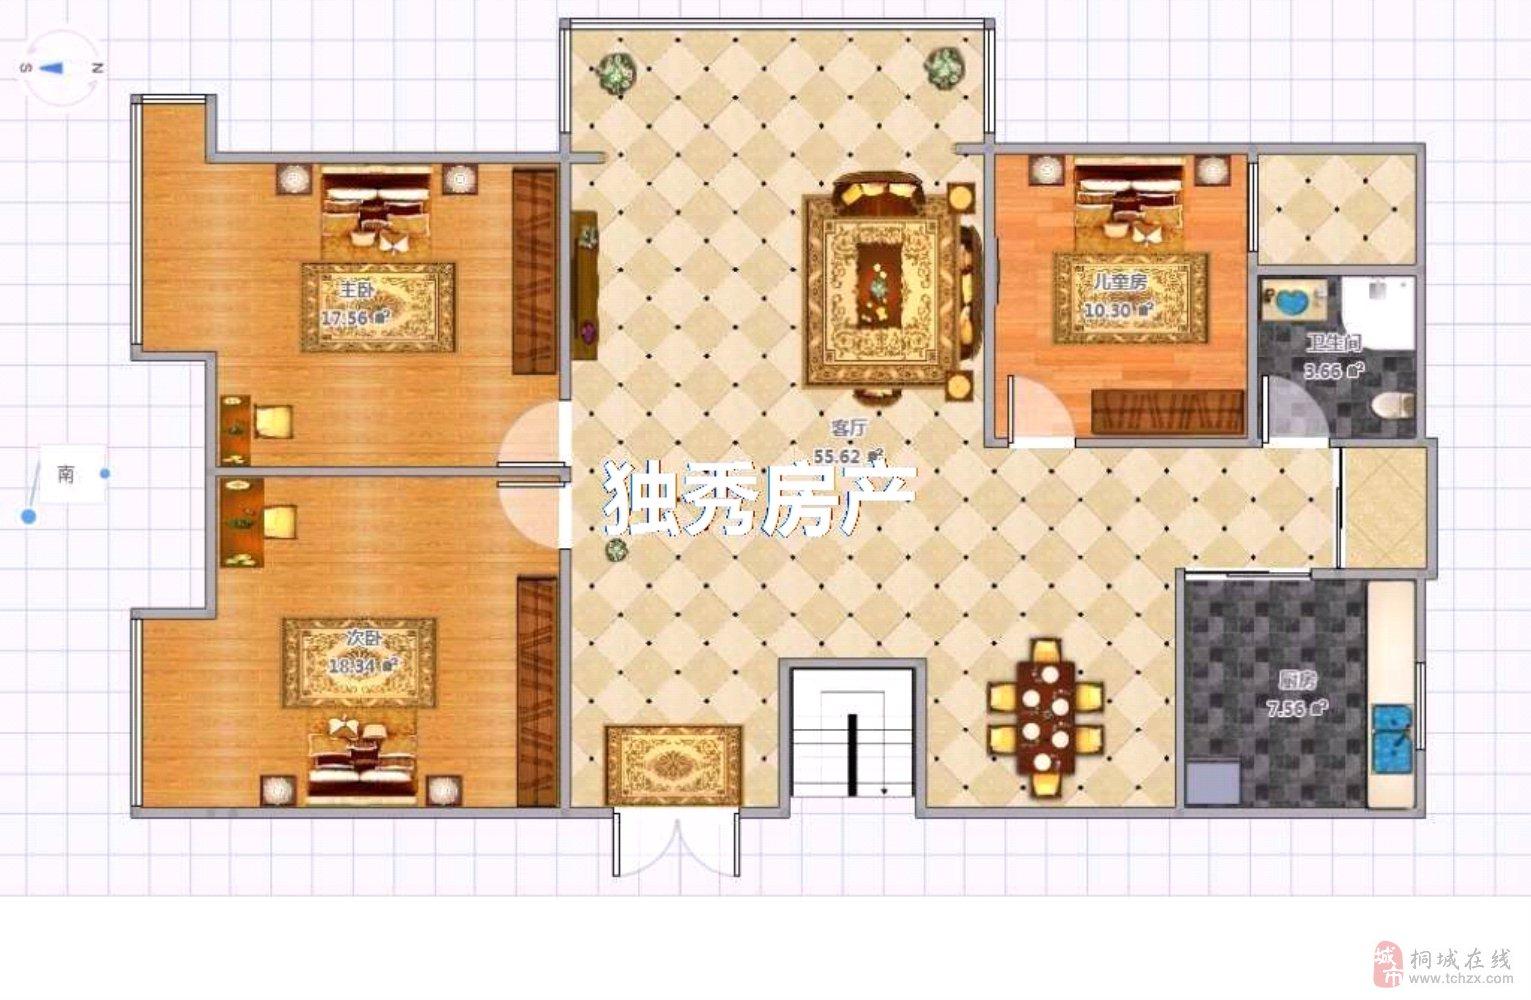 出售金瑞名城3室2厅1卫85万拎包入住诚意